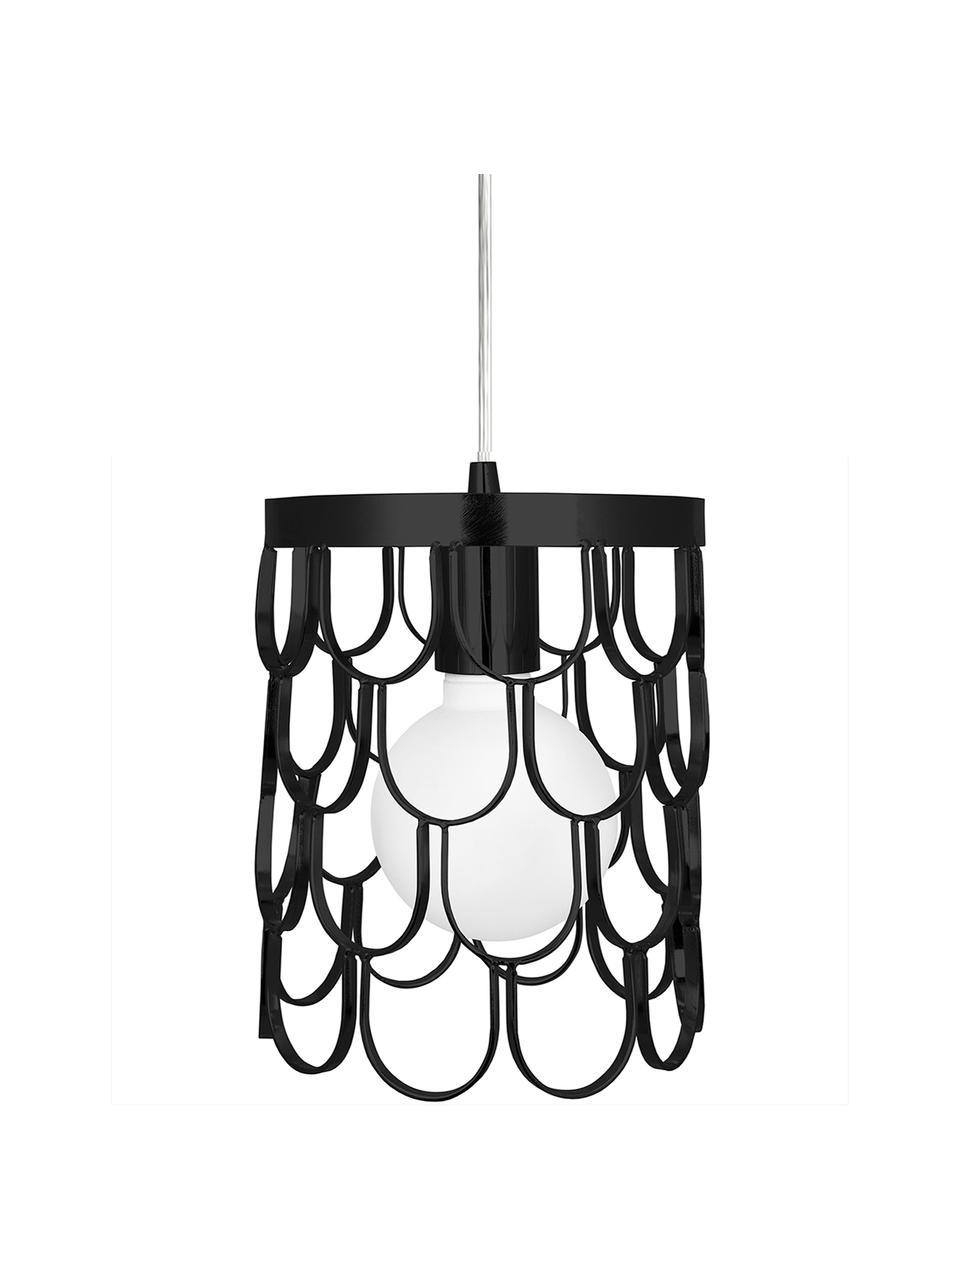 Mała lampa wisząca Gatsby, Czarny, Ø 18 x W 22 cm